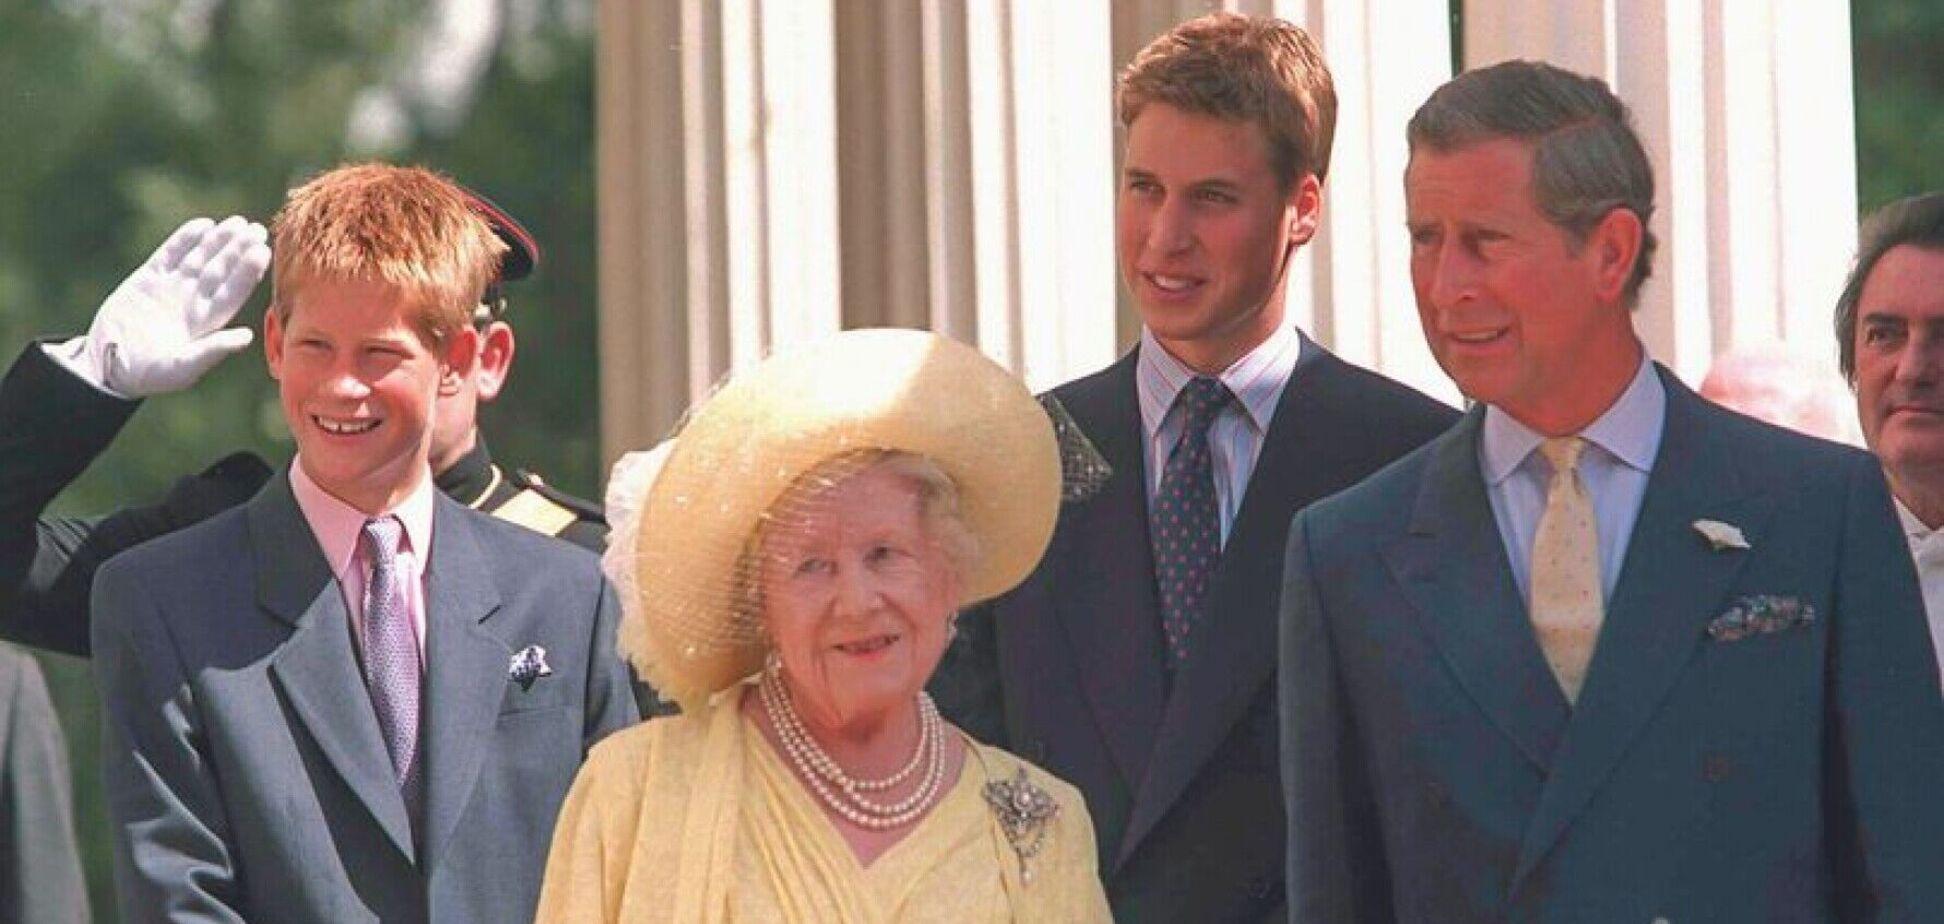 Принц Гаррі отримав від королеви-матері значну частину спадщини